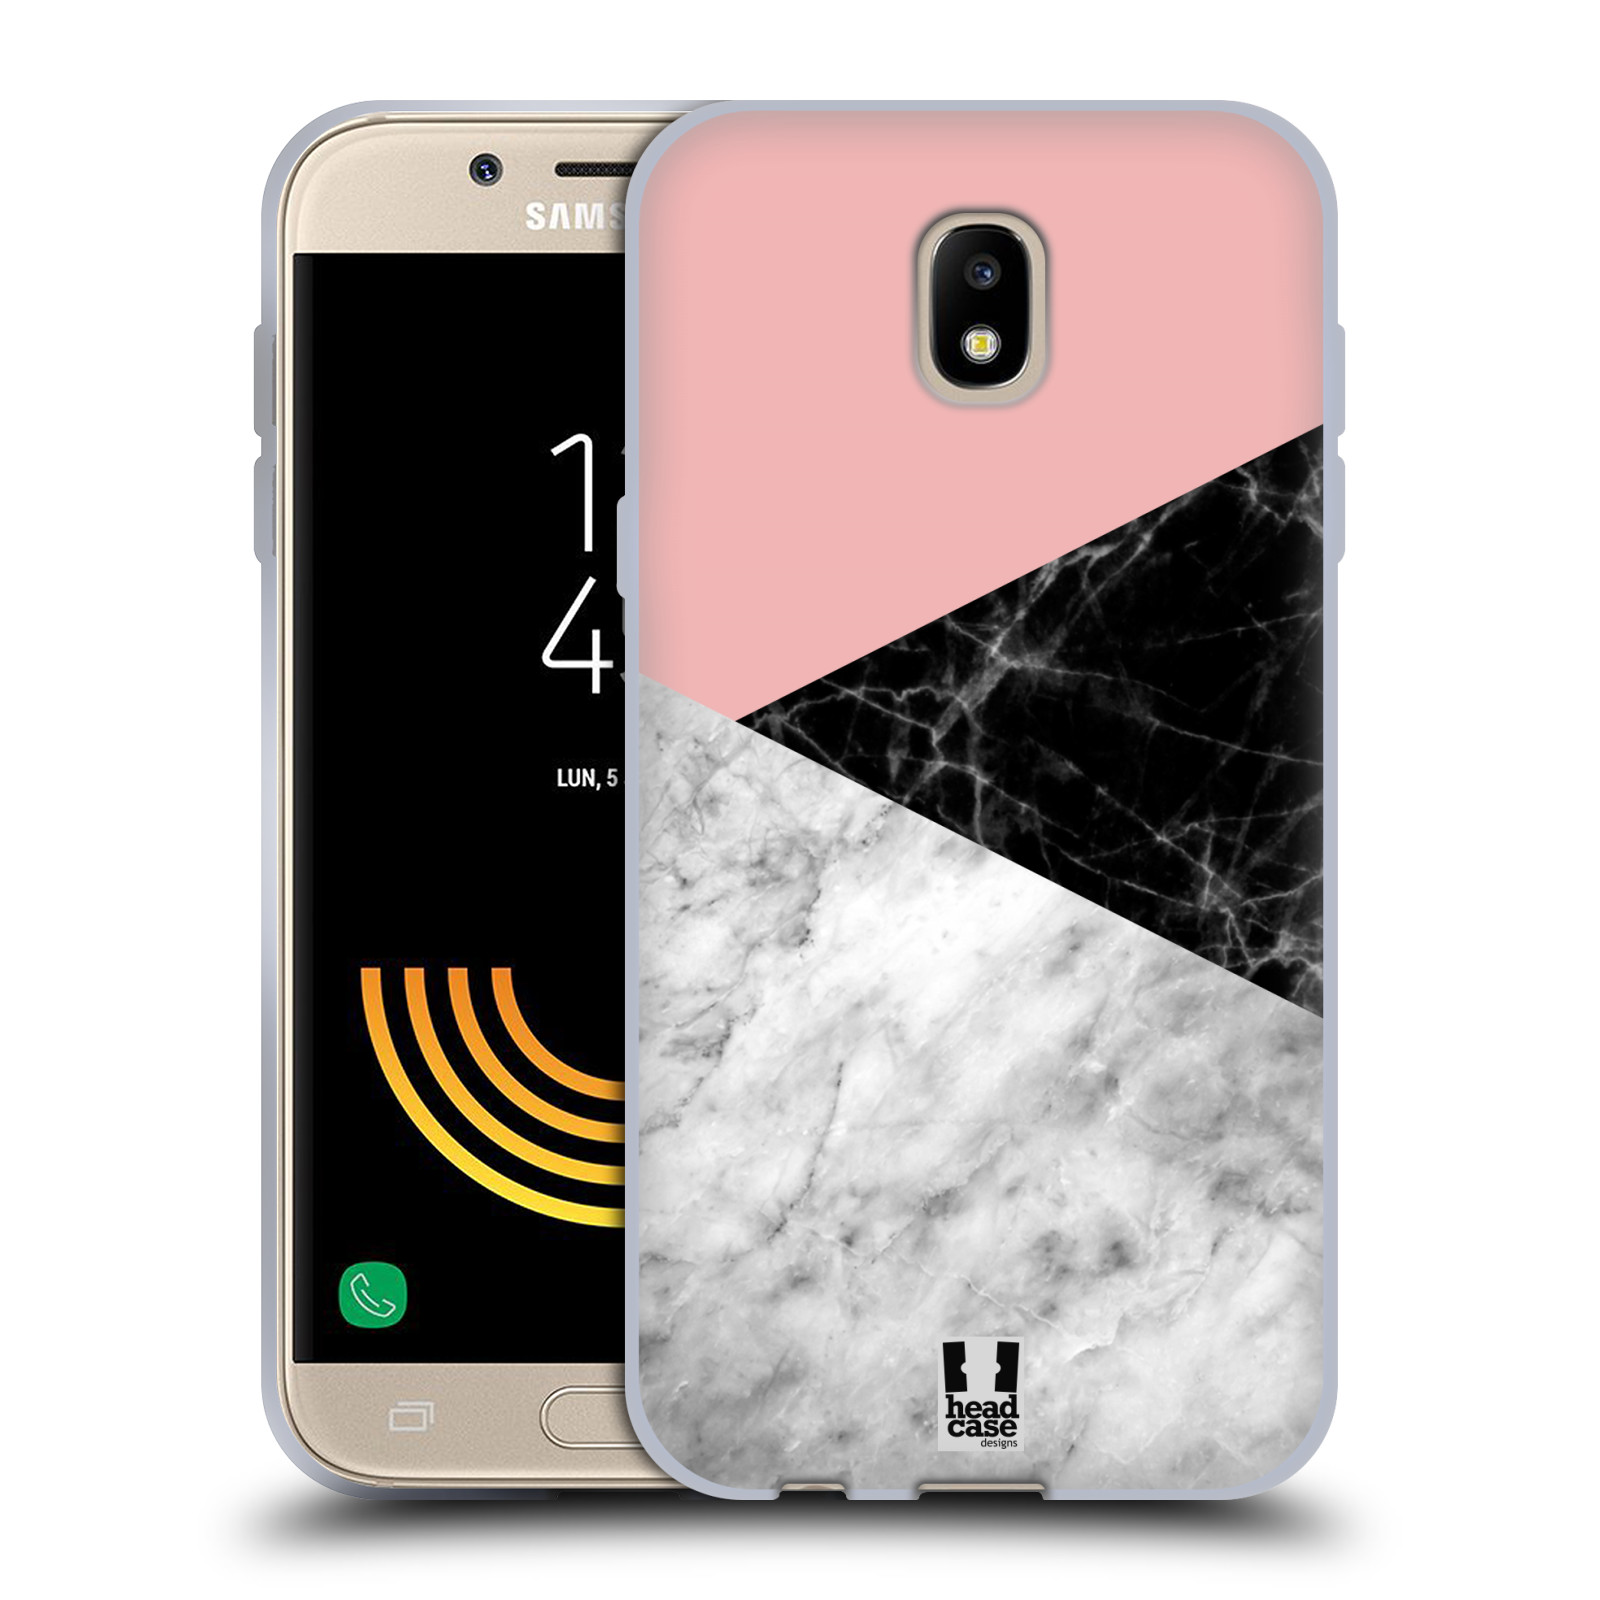 Silikonové pouzdro na mobil Samsung Galaxy J5 (2017) - Head Case - Mramor mix